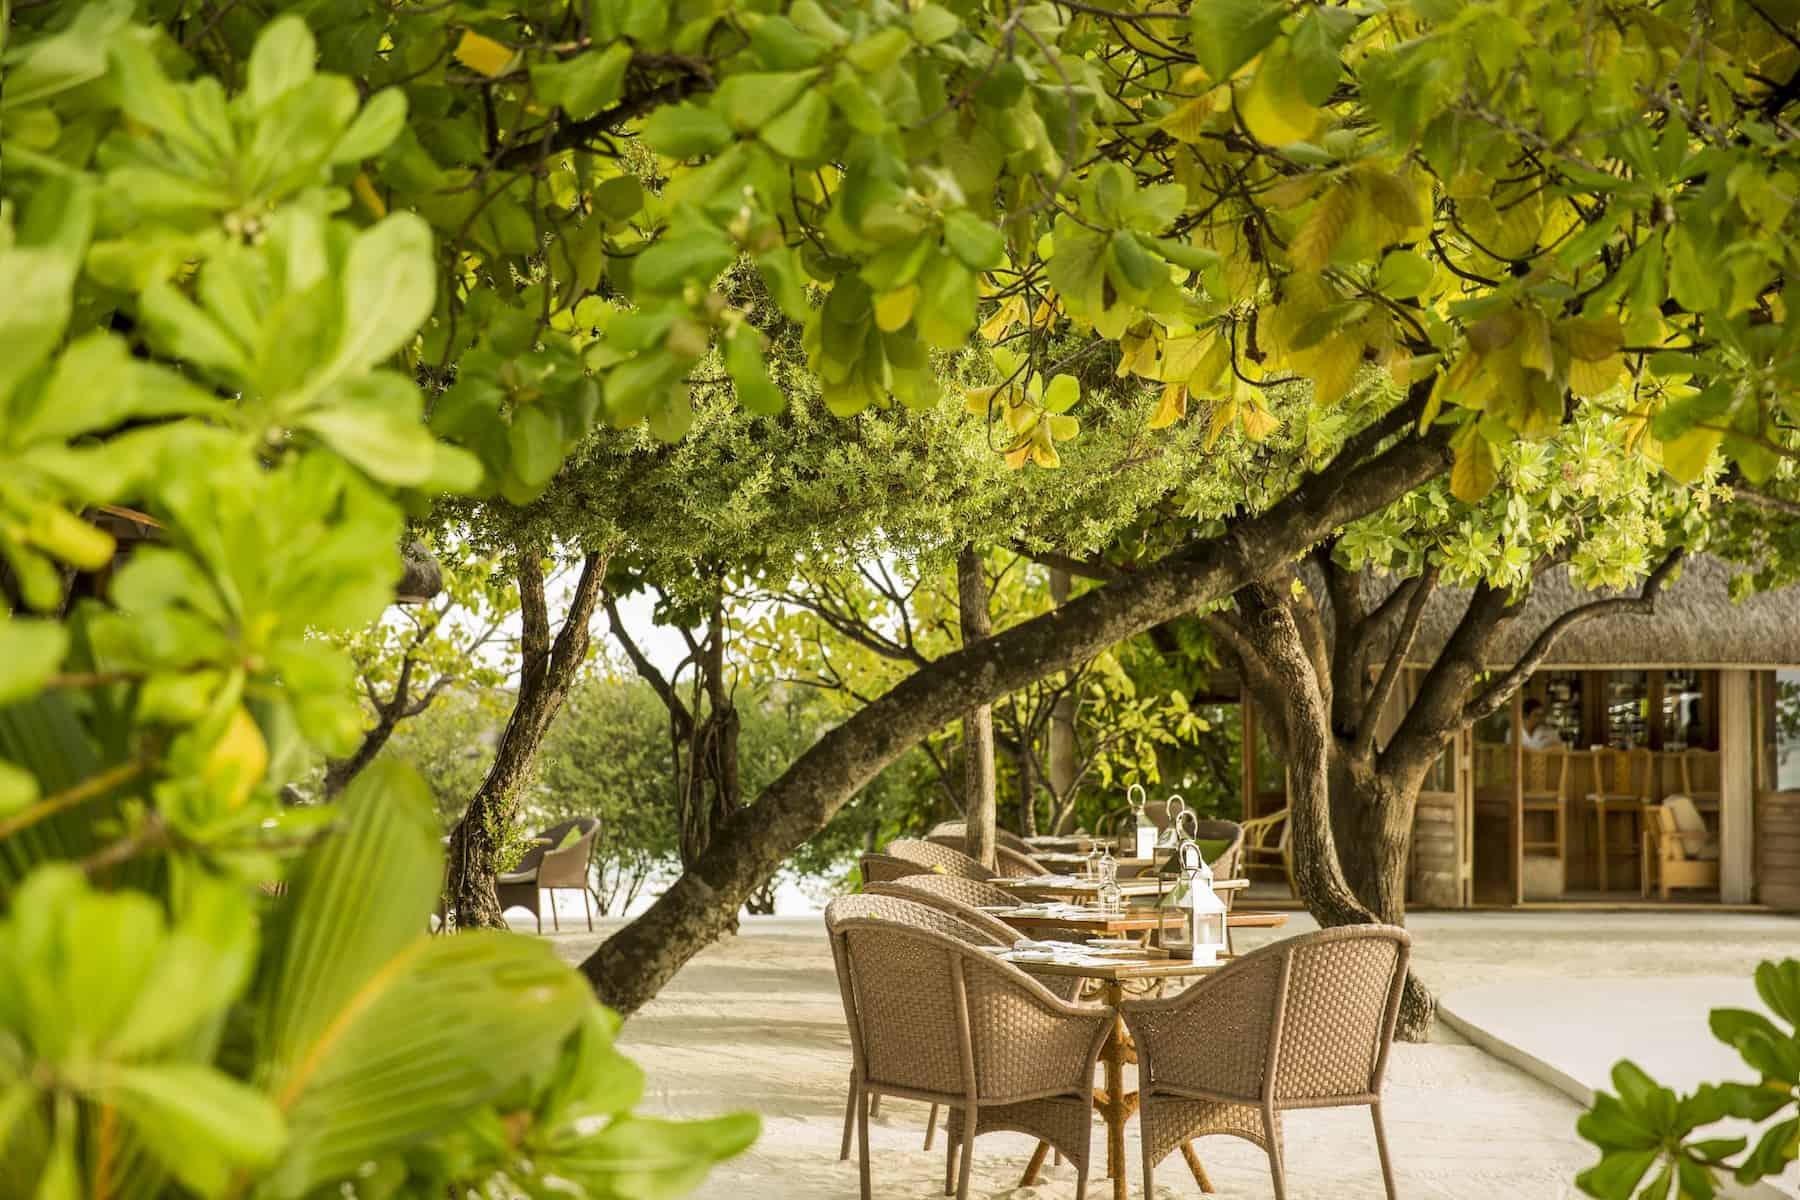 Resort Maldive Cocoa Island ristorante Ufaa